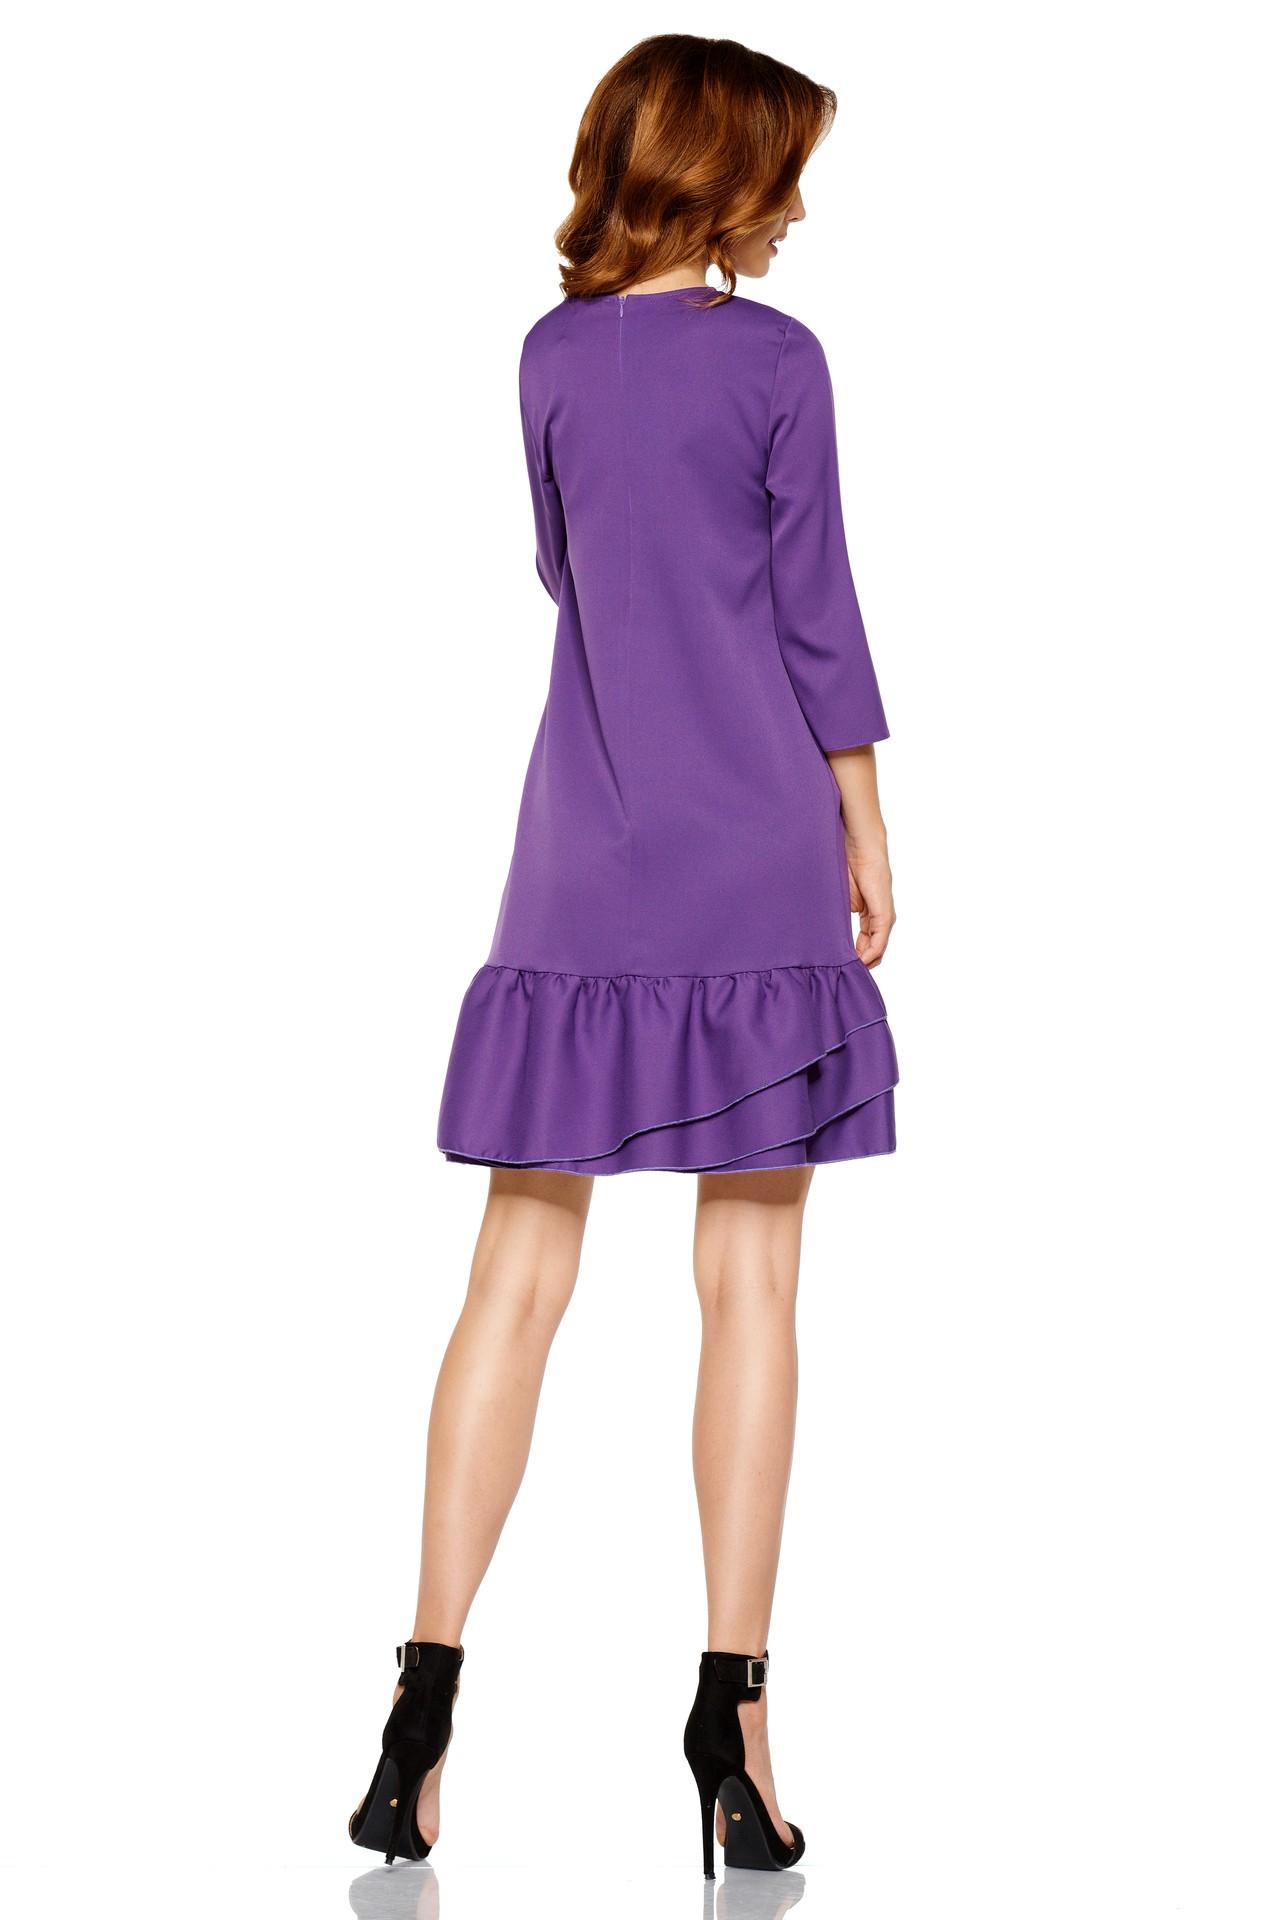 Áčkové šaty s volánom L272 - fialové - Florentis.sk 82f28170959